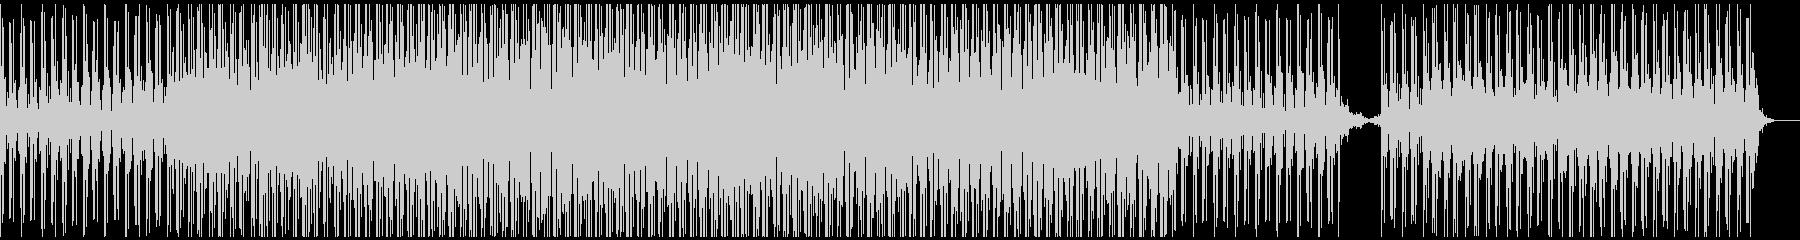 ディープなビートとクールなシンセサウンドの未再生の波形